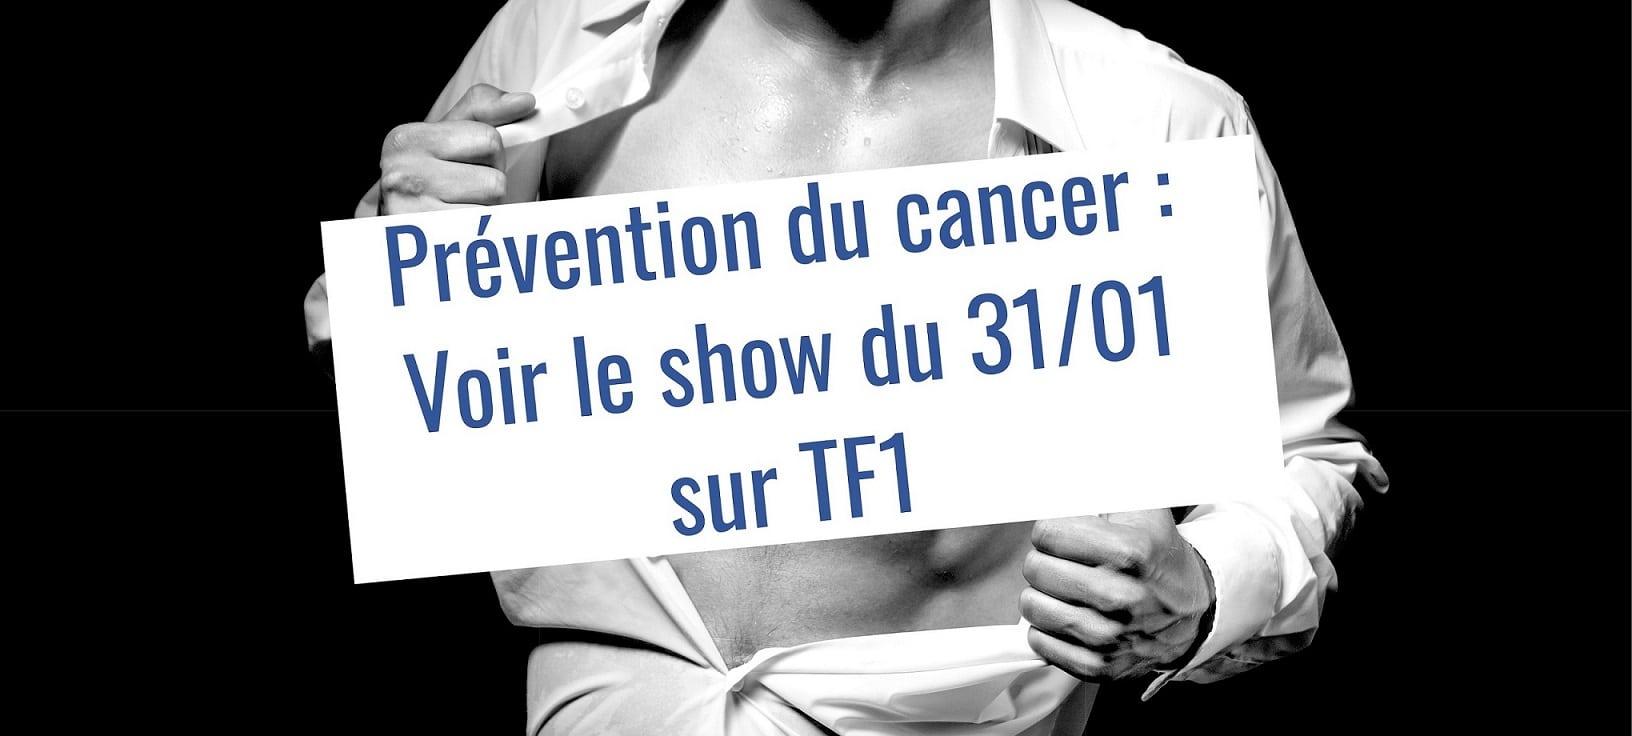 Stars à nu (TF1) : un show pour sensibiliser à la prévention des cancers